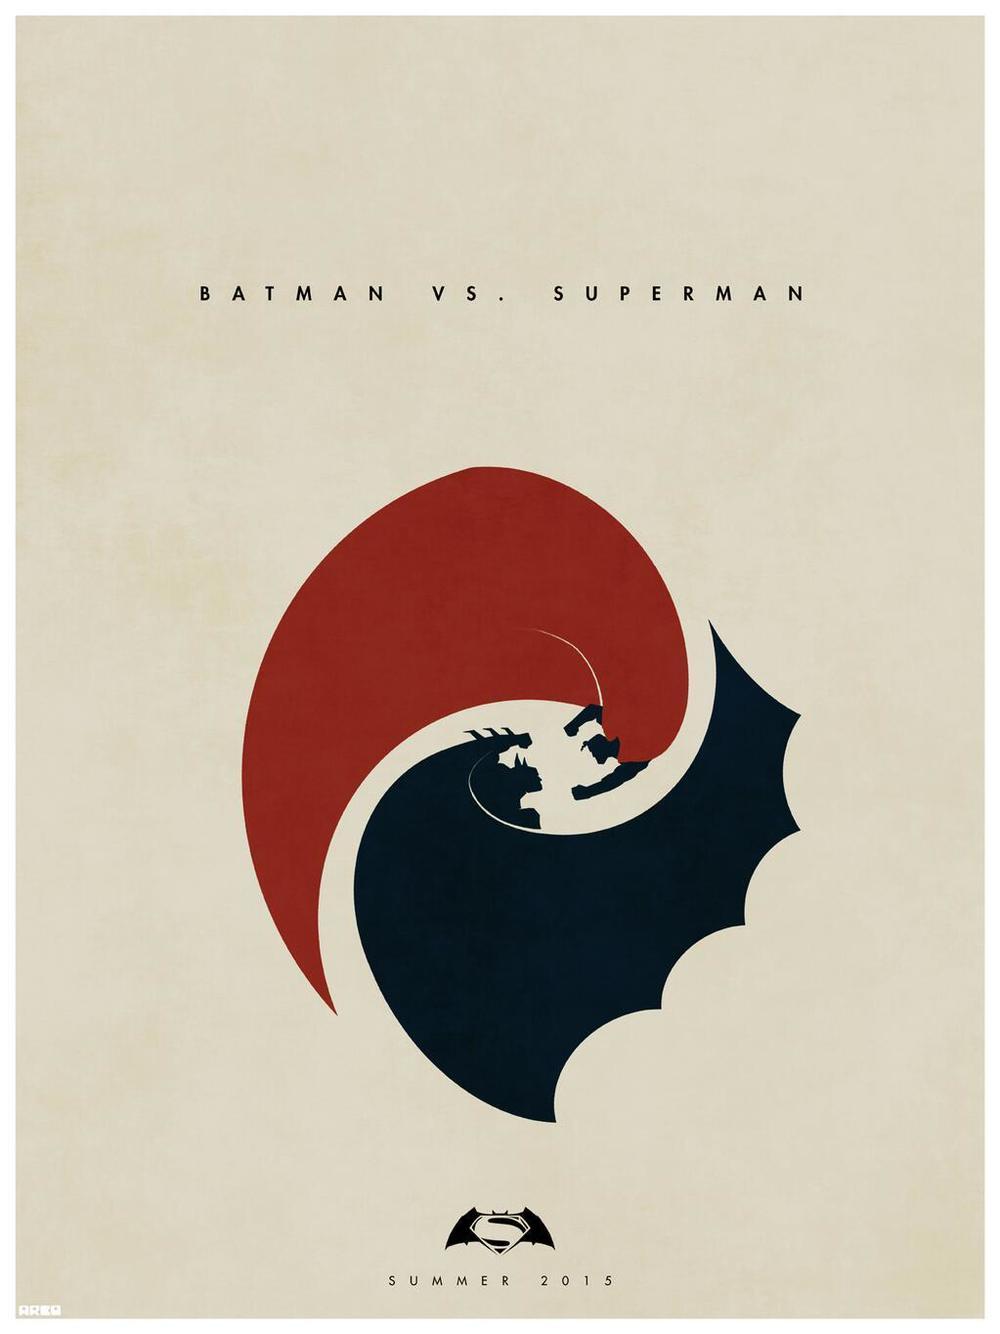 Batmanvssuperman8191234.png